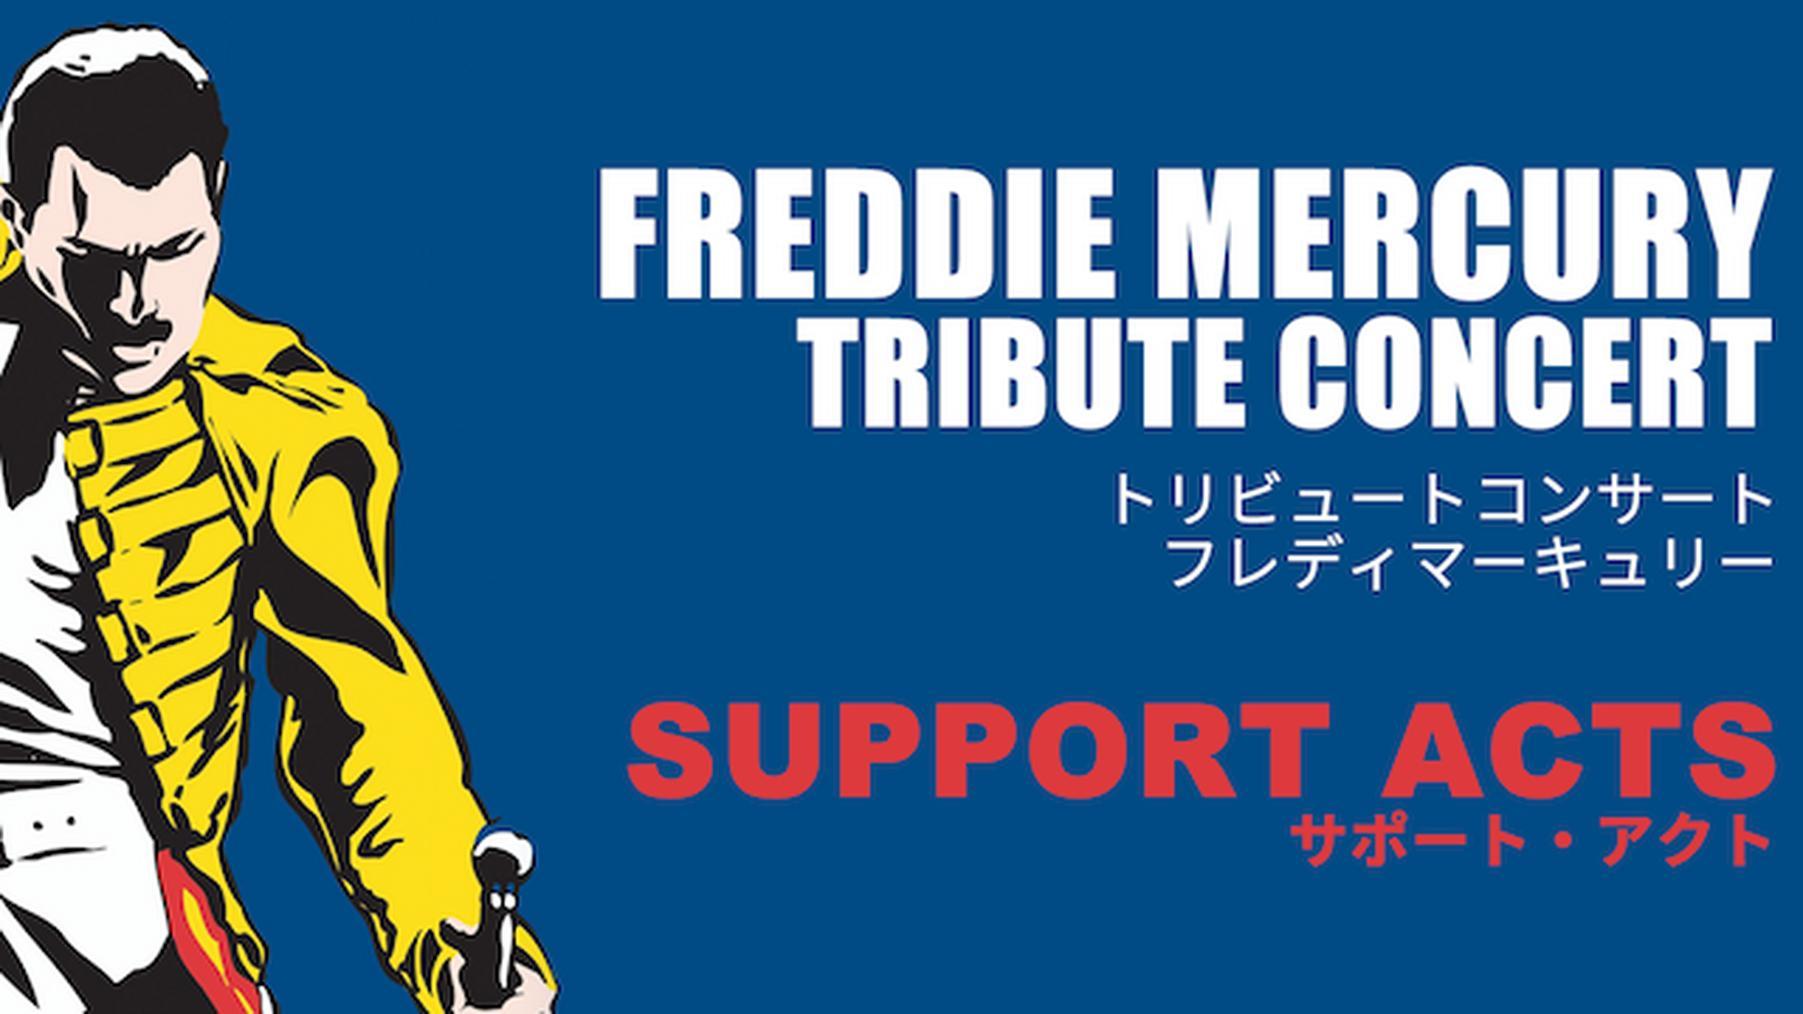 フレディ・マーキュリー・トリビュート・コンサート-サポート・アクト